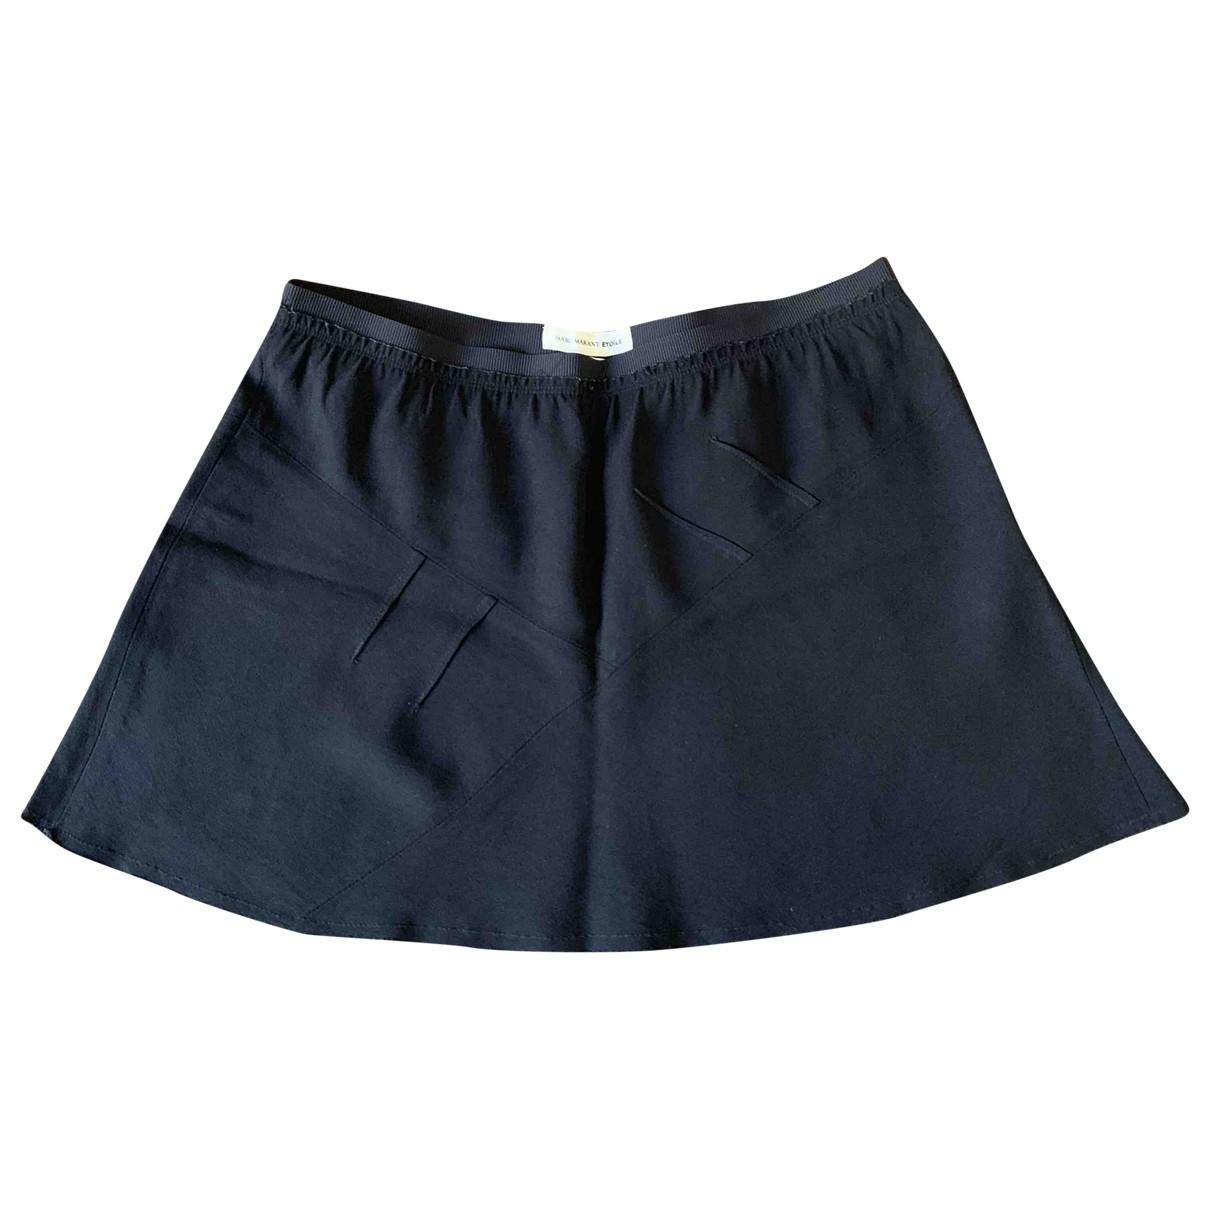 Isabel Marant Etoile \N Black skirt for Women 36 FR